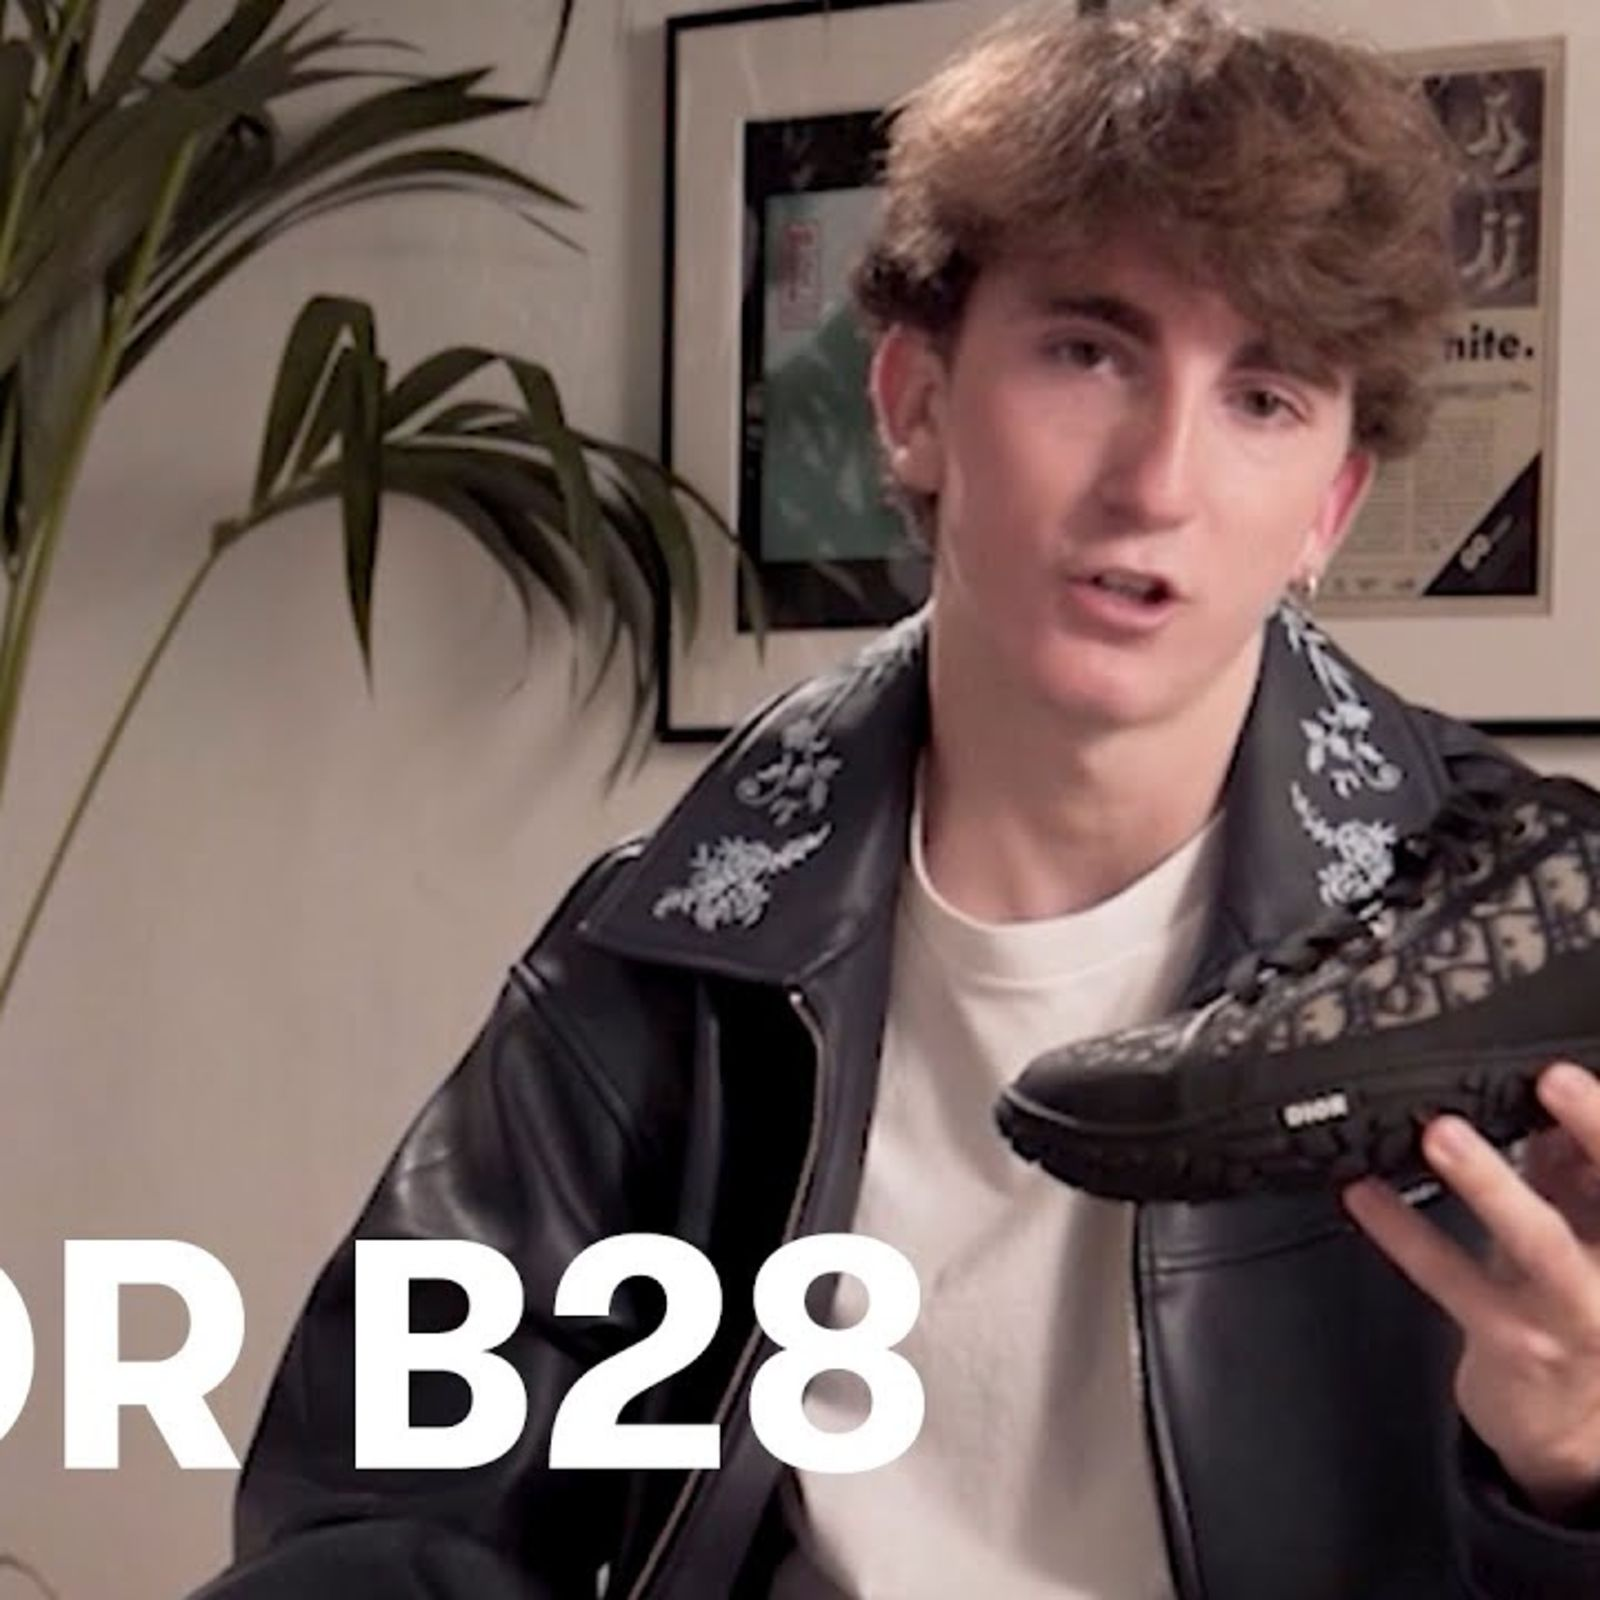 Las zapatillas Dior B28 | GQ Unboxing con Carlos Martín byCalitos